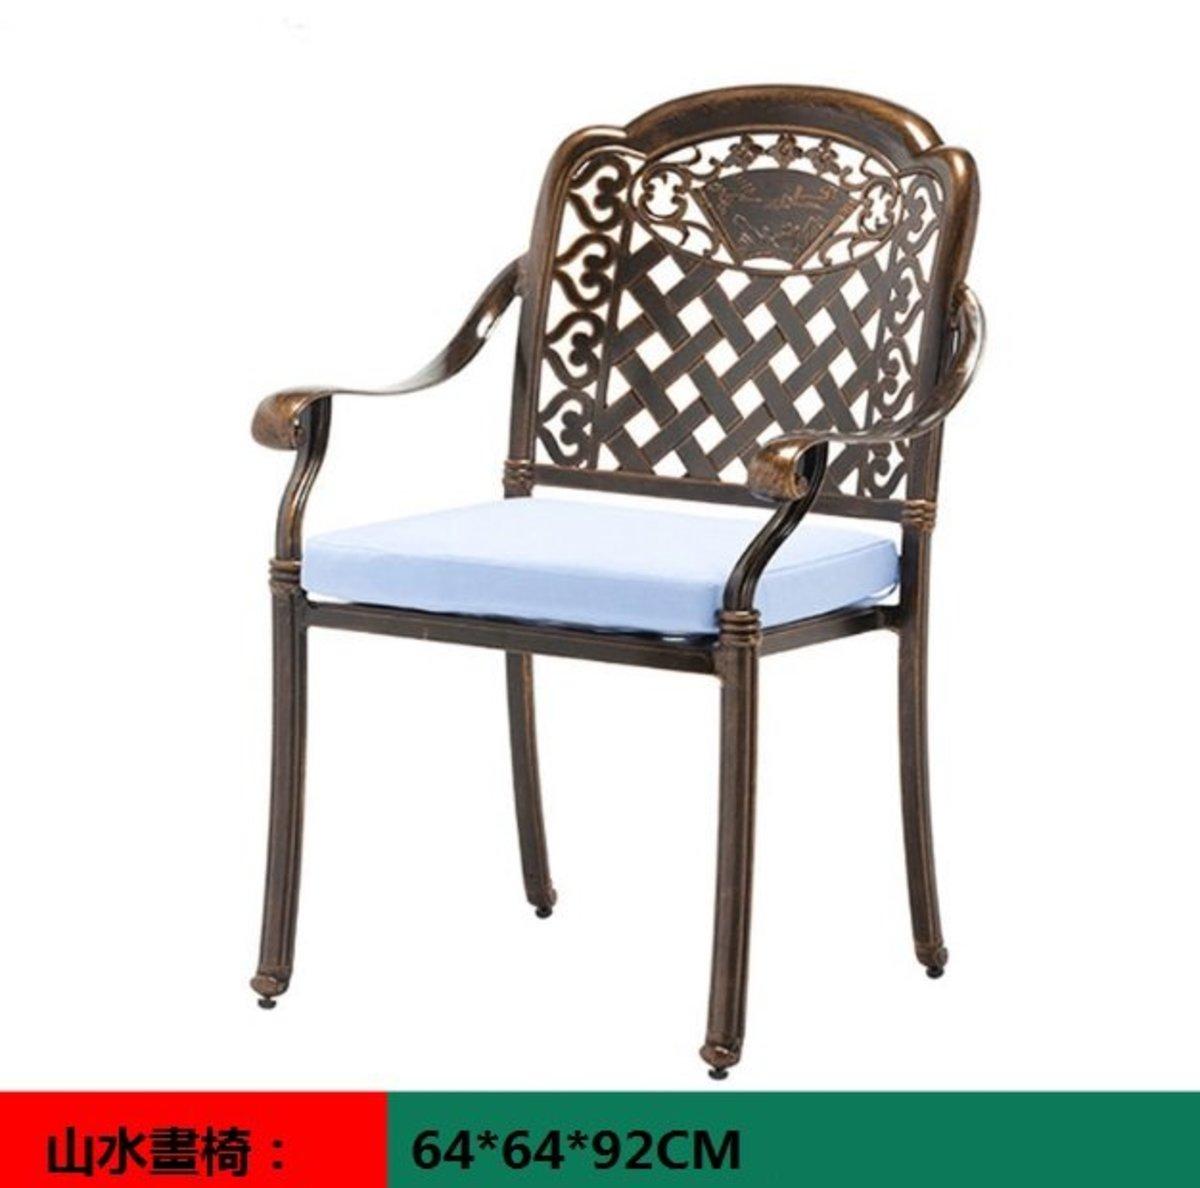 室外咖啡廳歐式餐桌椅(山水畫椅:64*64*92CM)